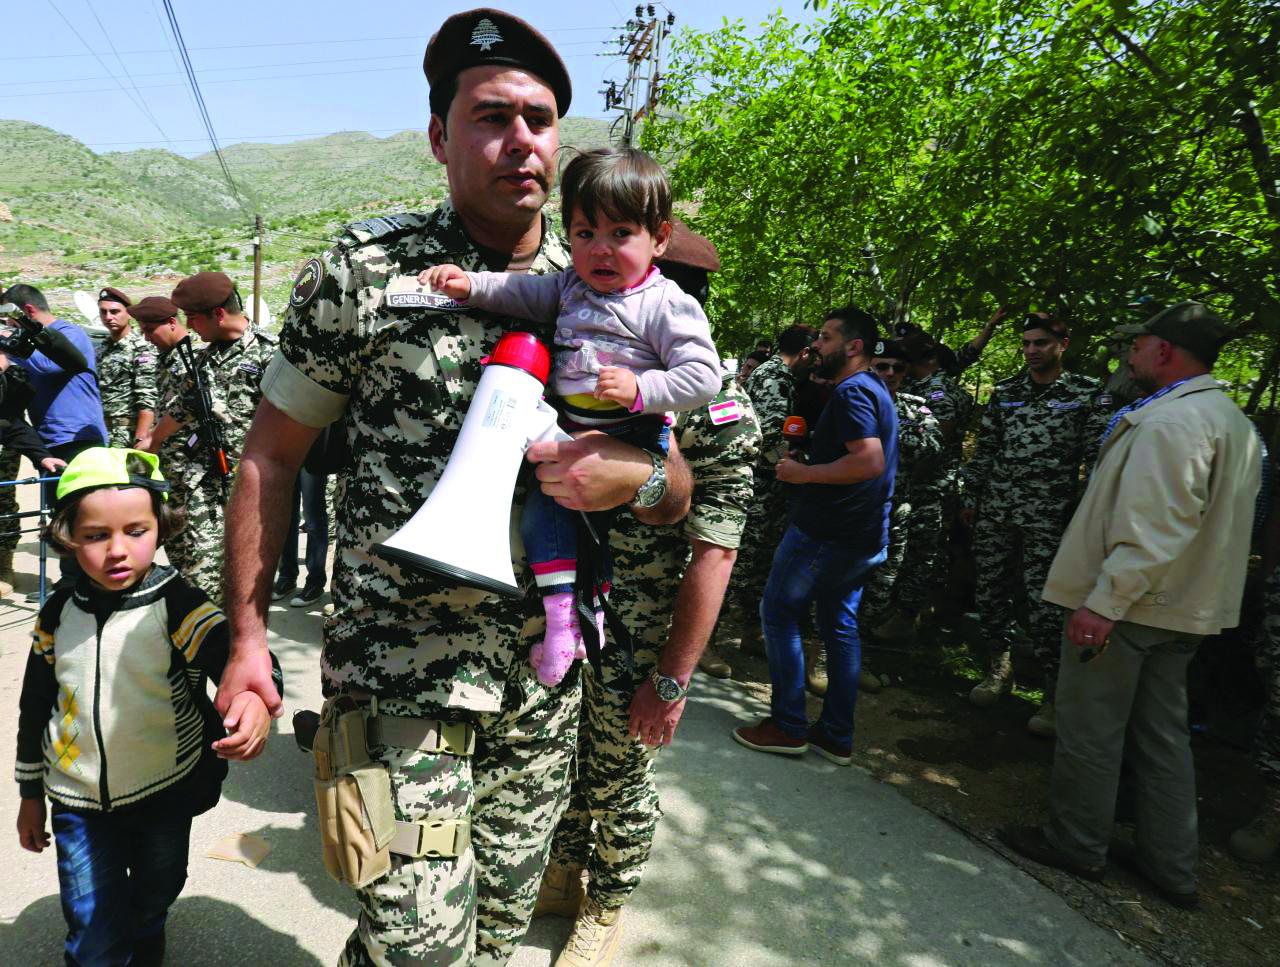 عضو الأمن العام اللبناني مع أطفال سوريين لاجئين وهم ينتظرون عودة الحافلات إلى سوريا - لبنان في 18 نيسان 2018 (رويترز)